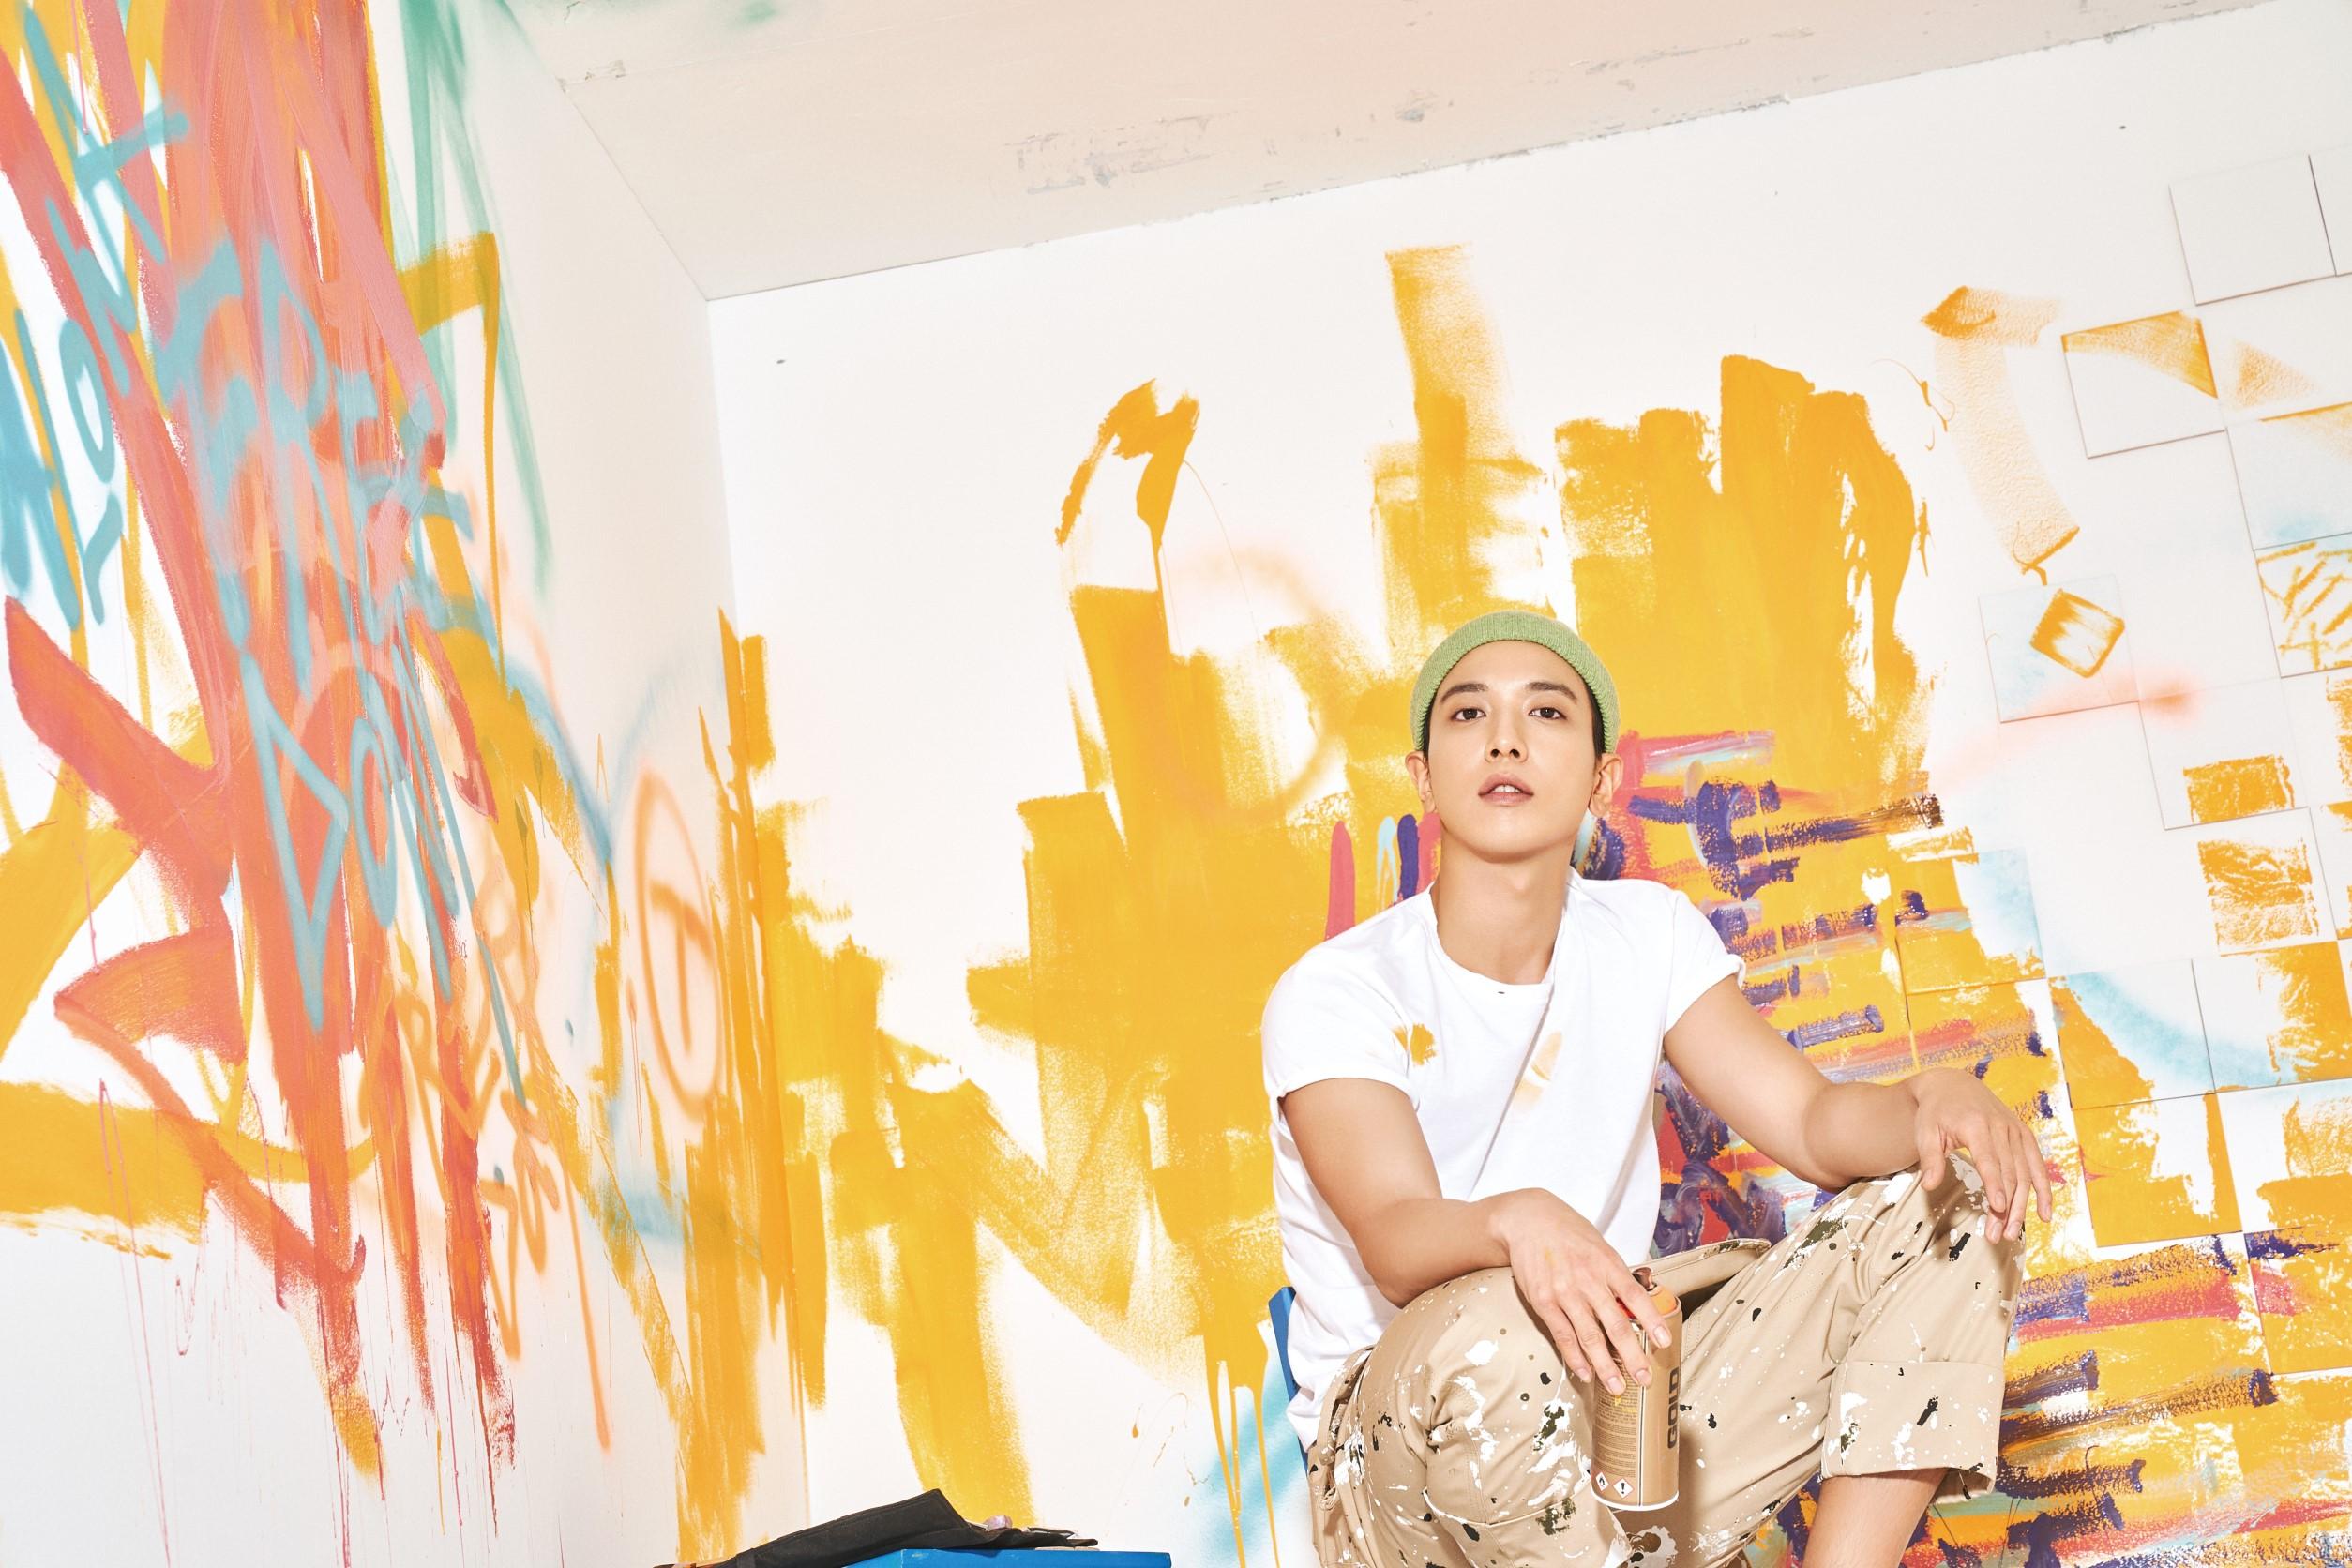 งานนิทรรรศการภาพ จอง ยงฮวา CNBLUE